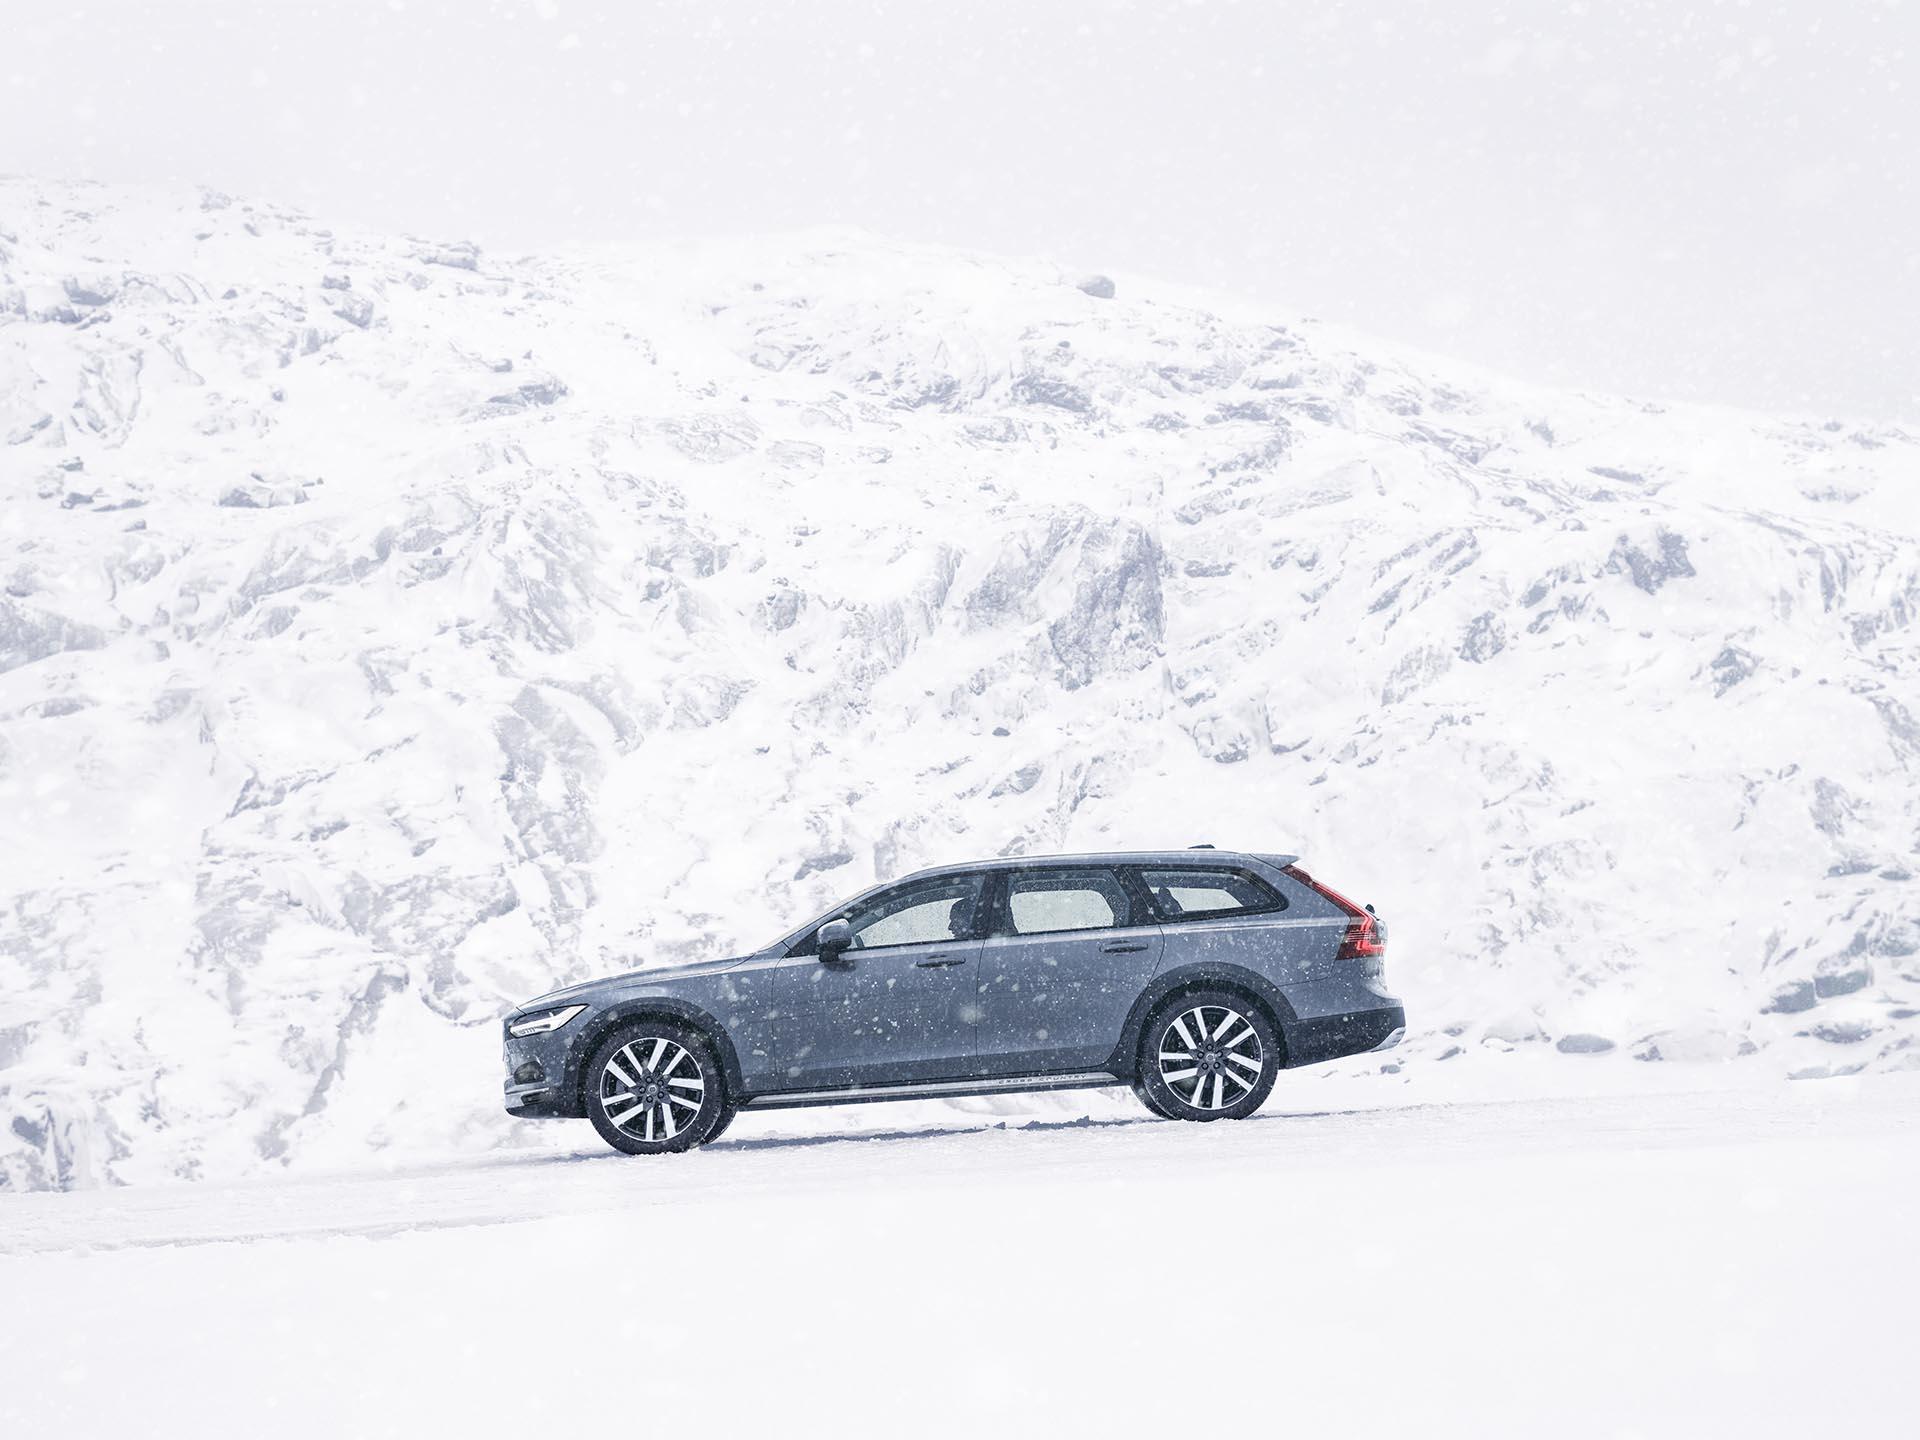 Volvo V90 Cross Country караван во школка-сина боја вози во снежните планини